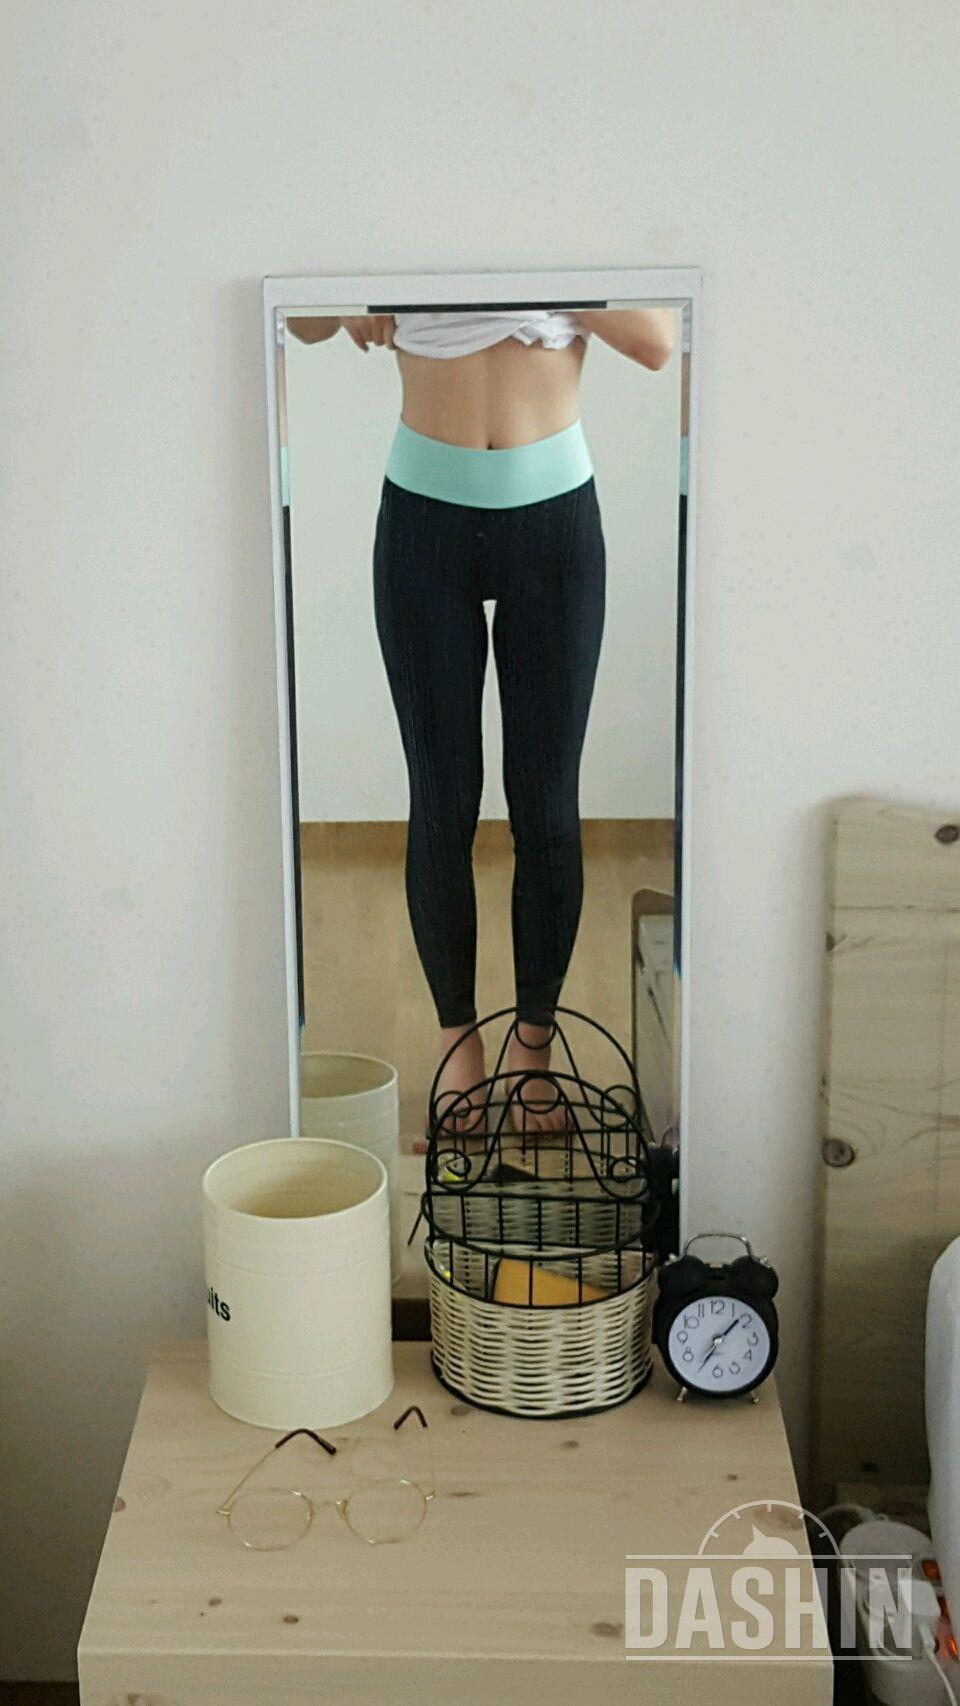 다이어트 한달간의 변화